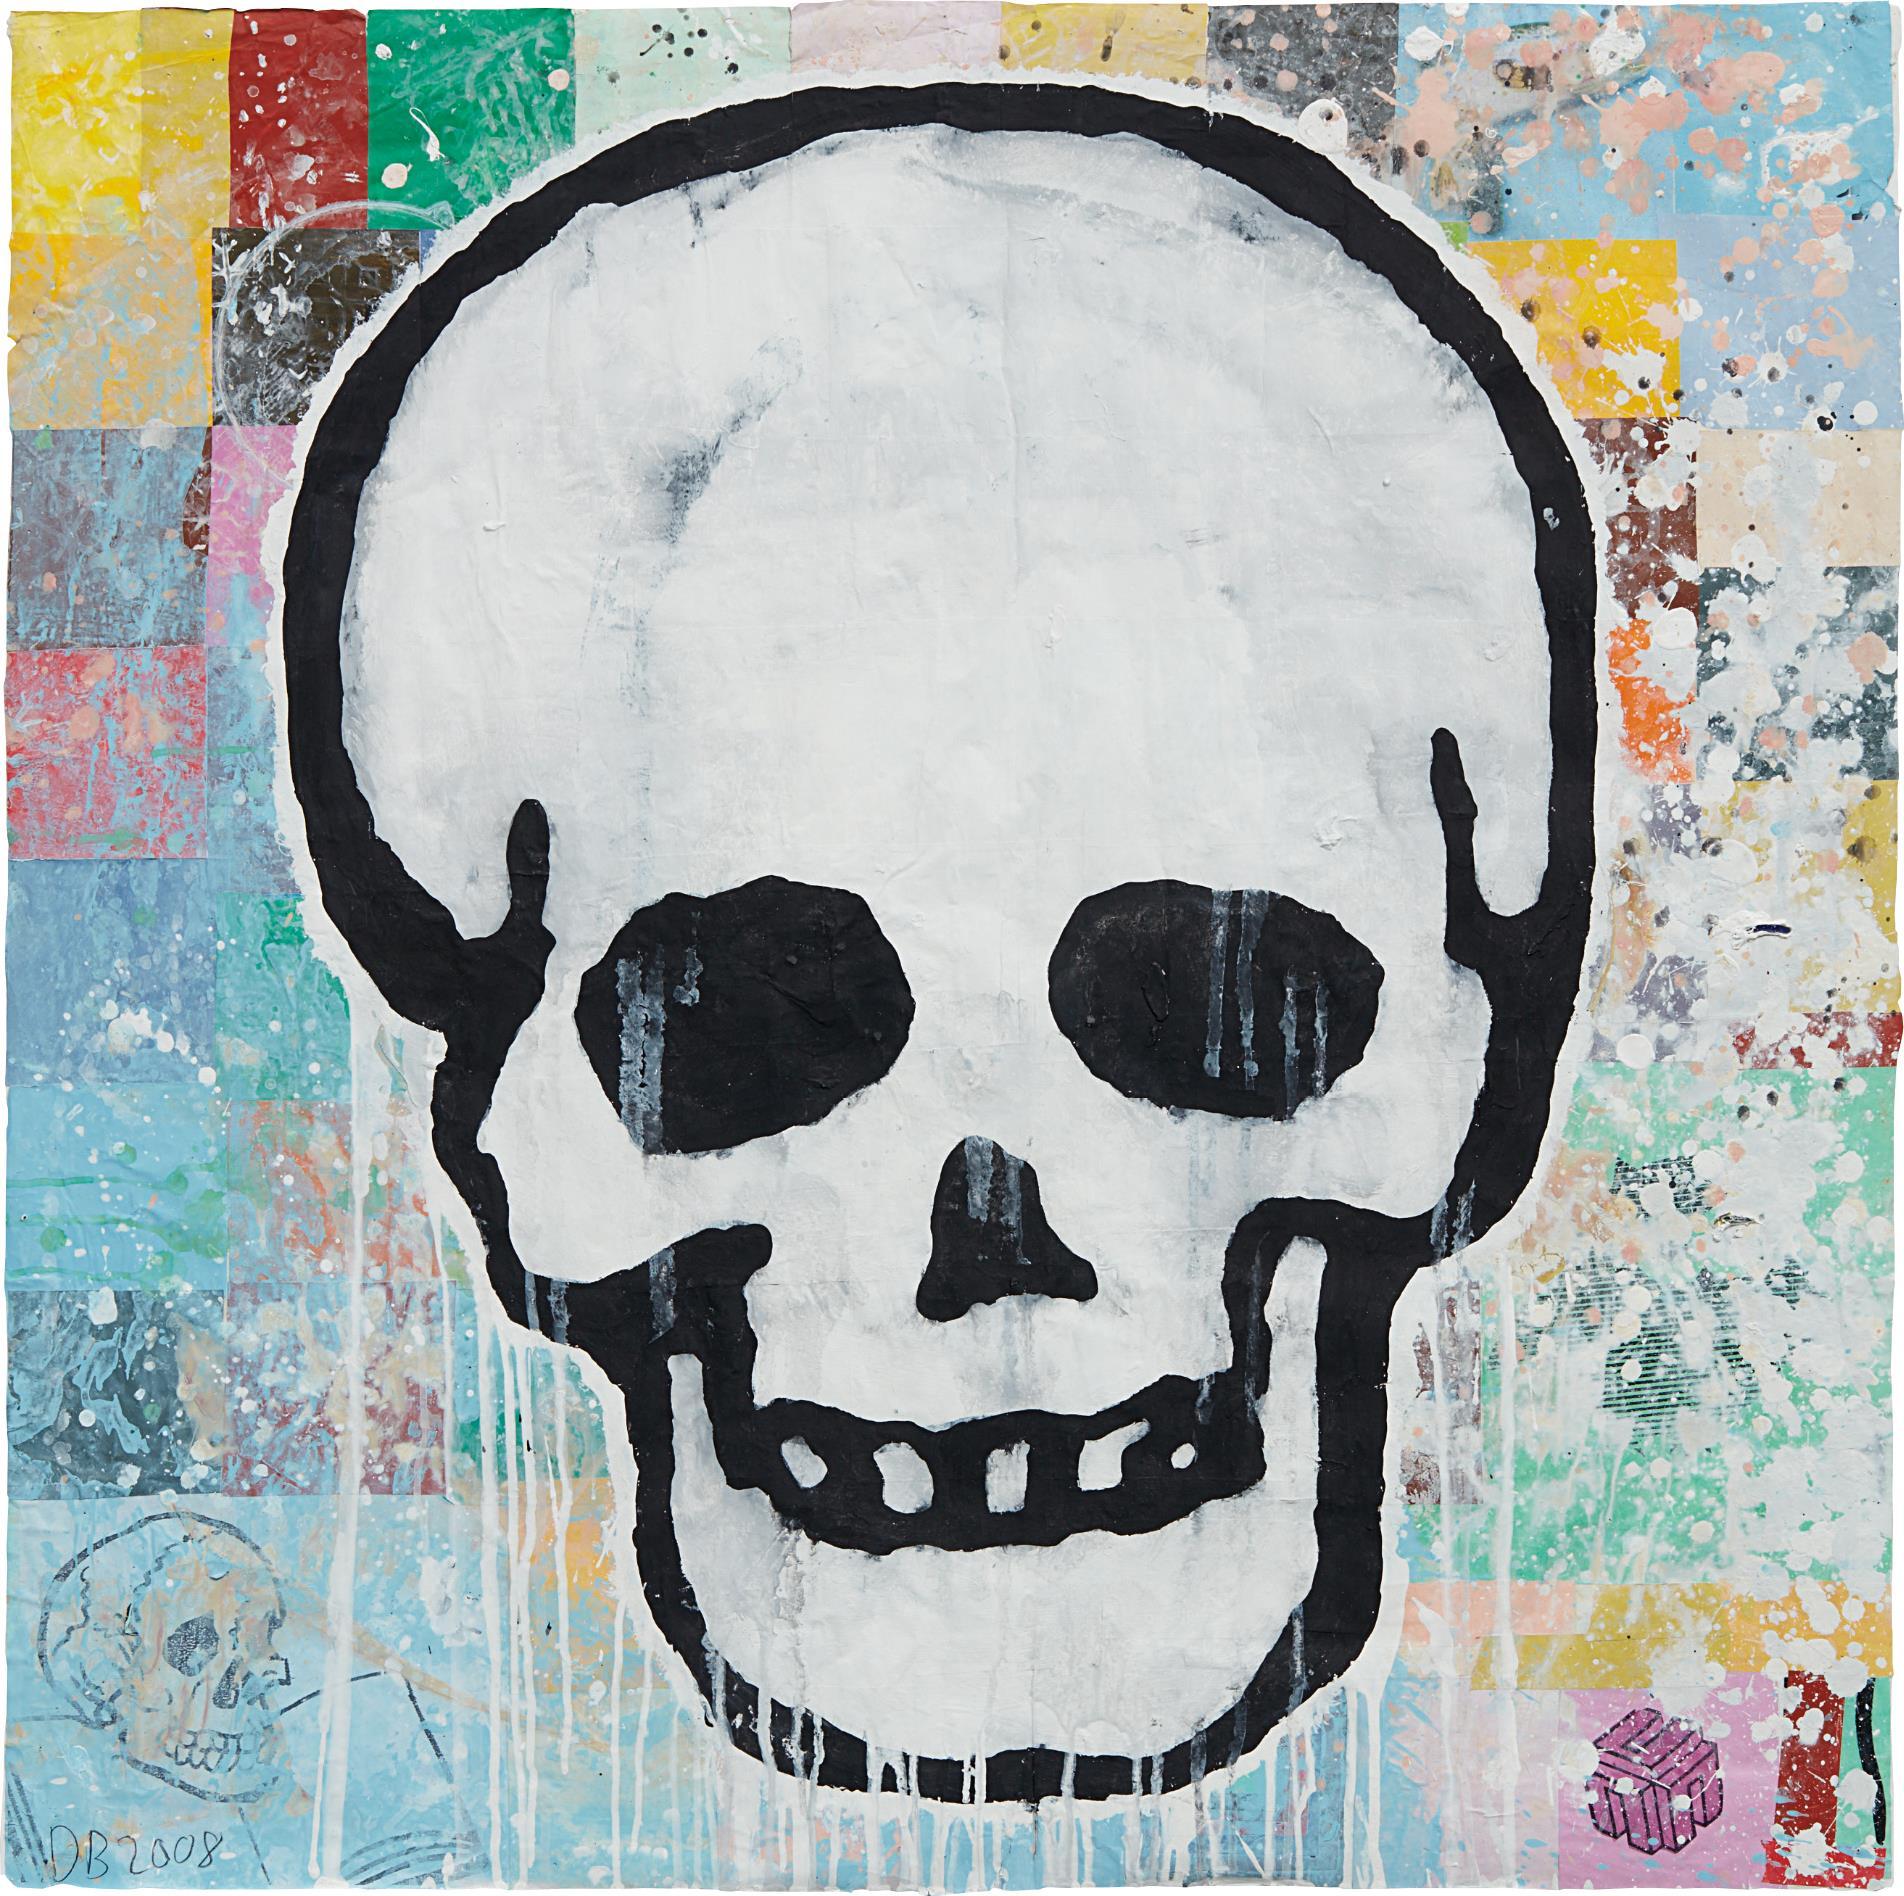 Donald Baechler-Skull-2008